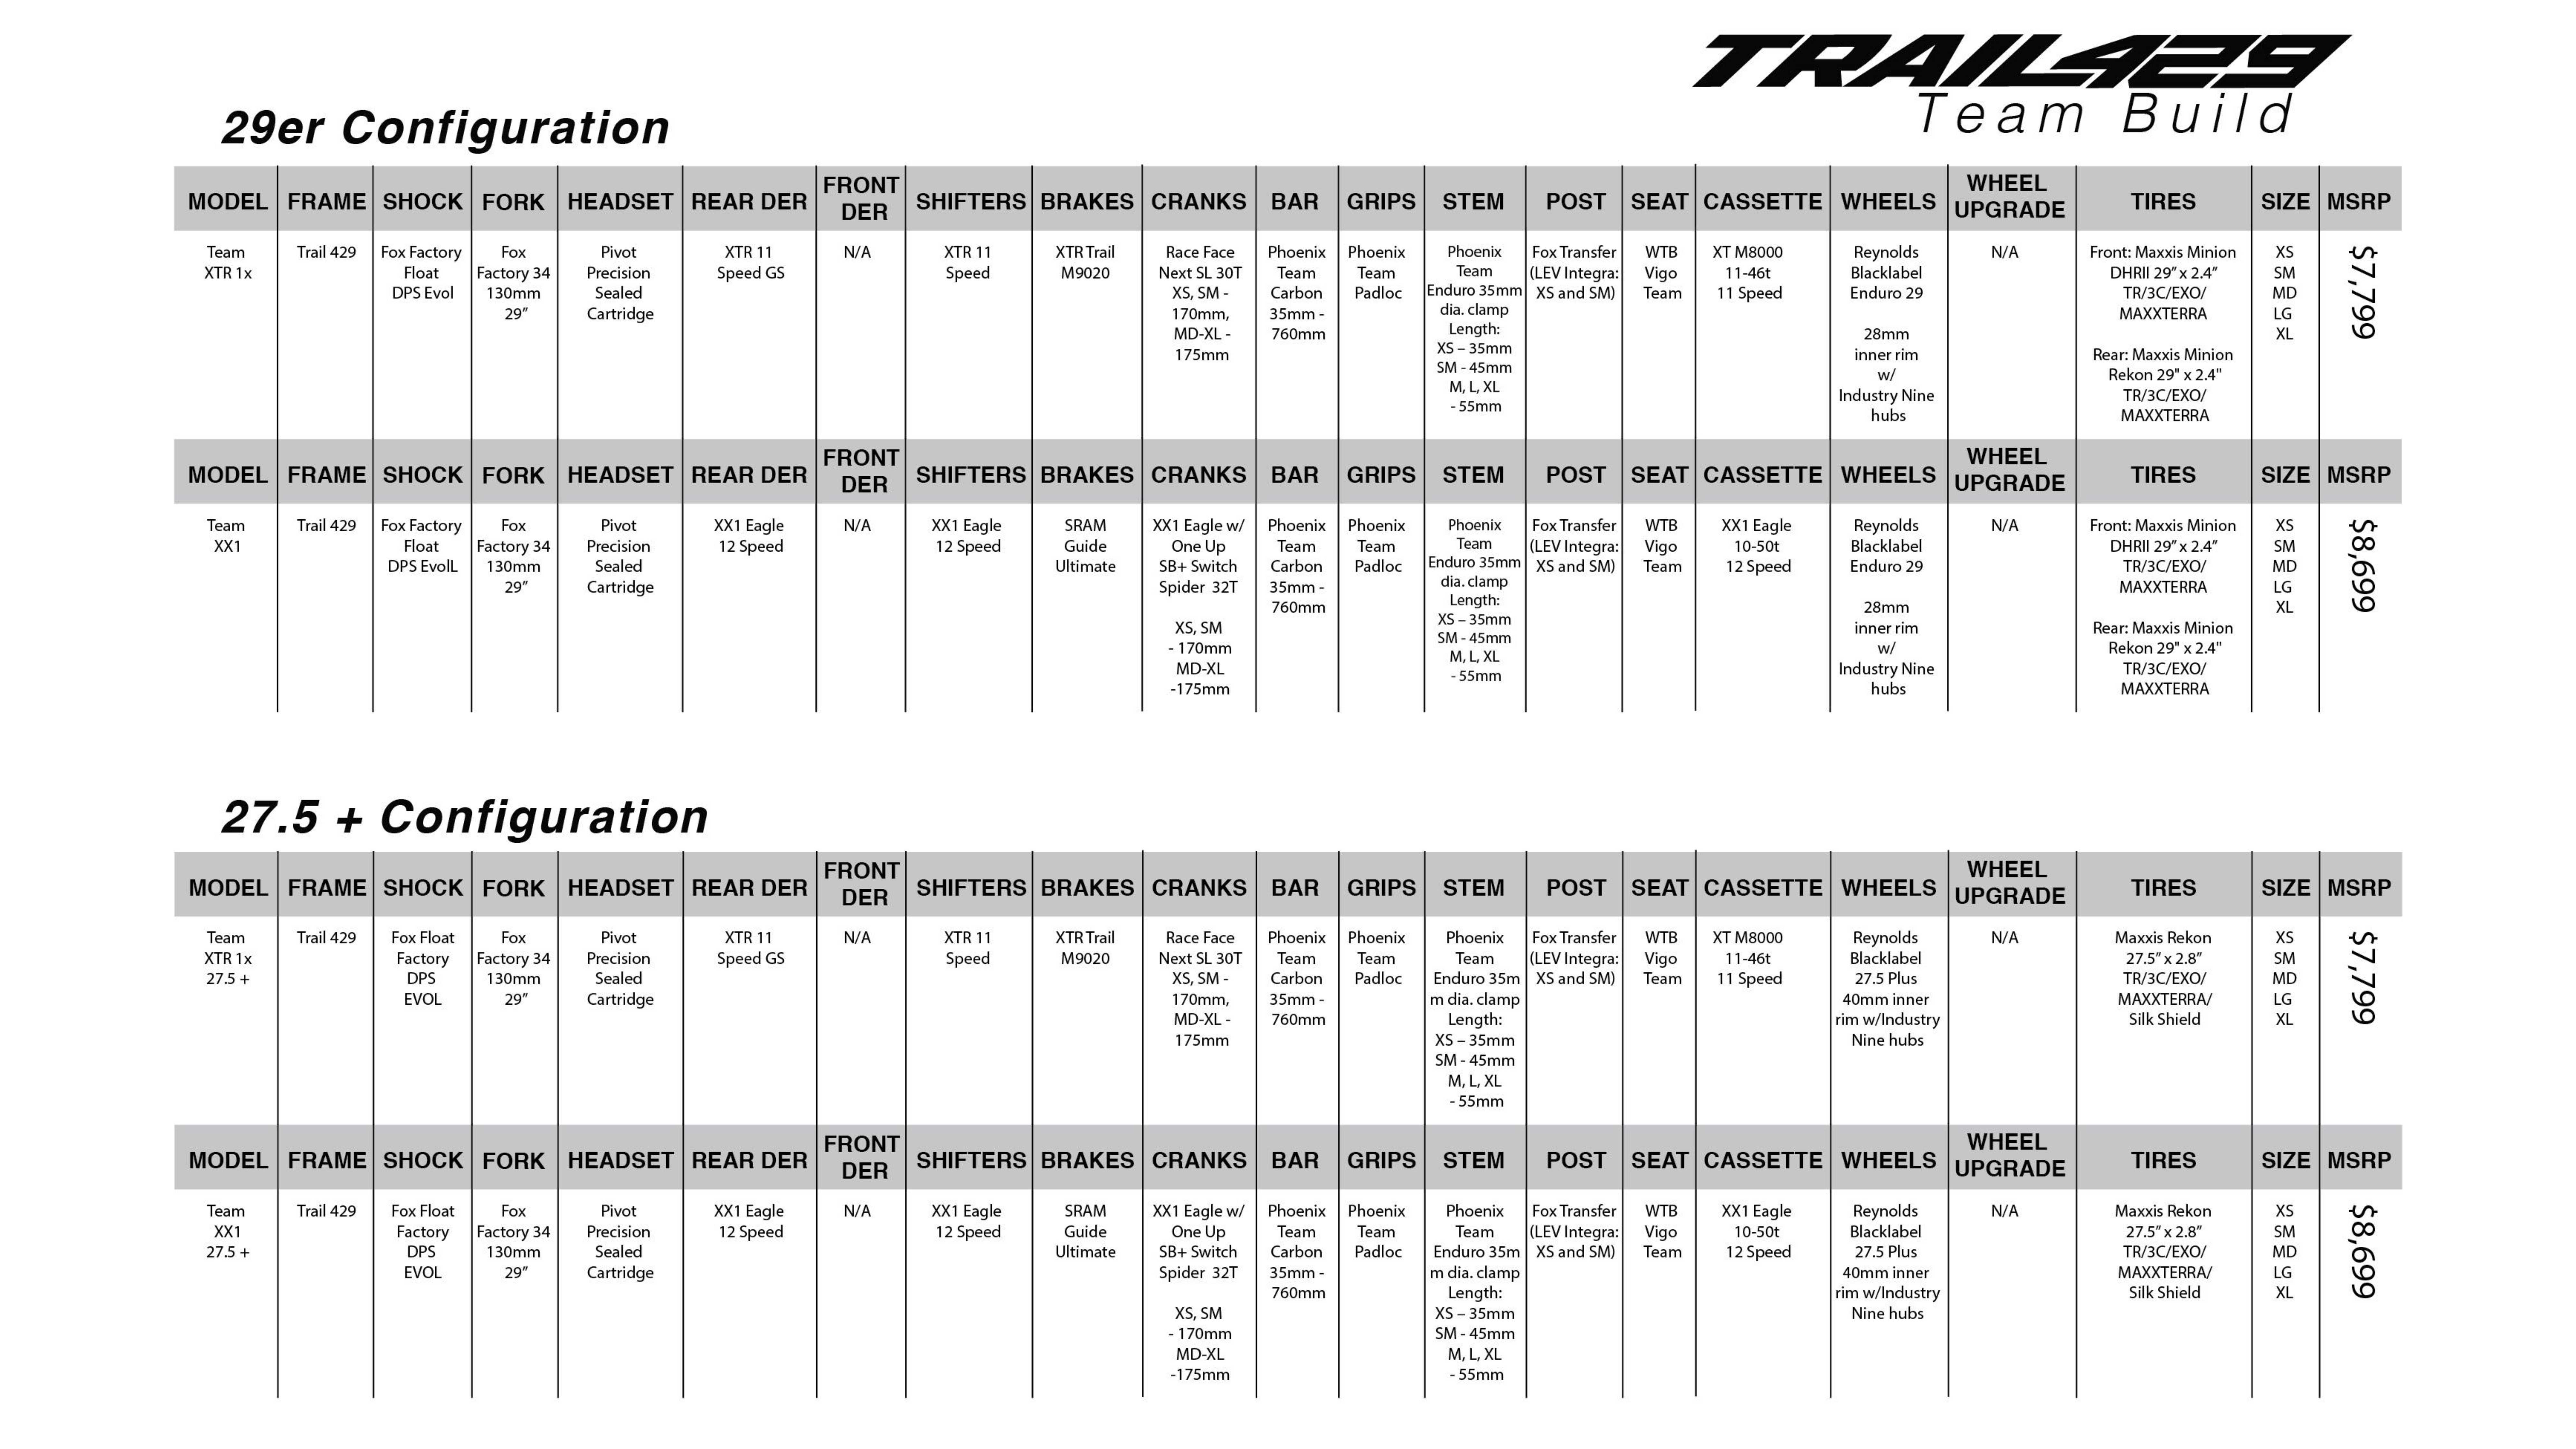 Trail-429-TEam